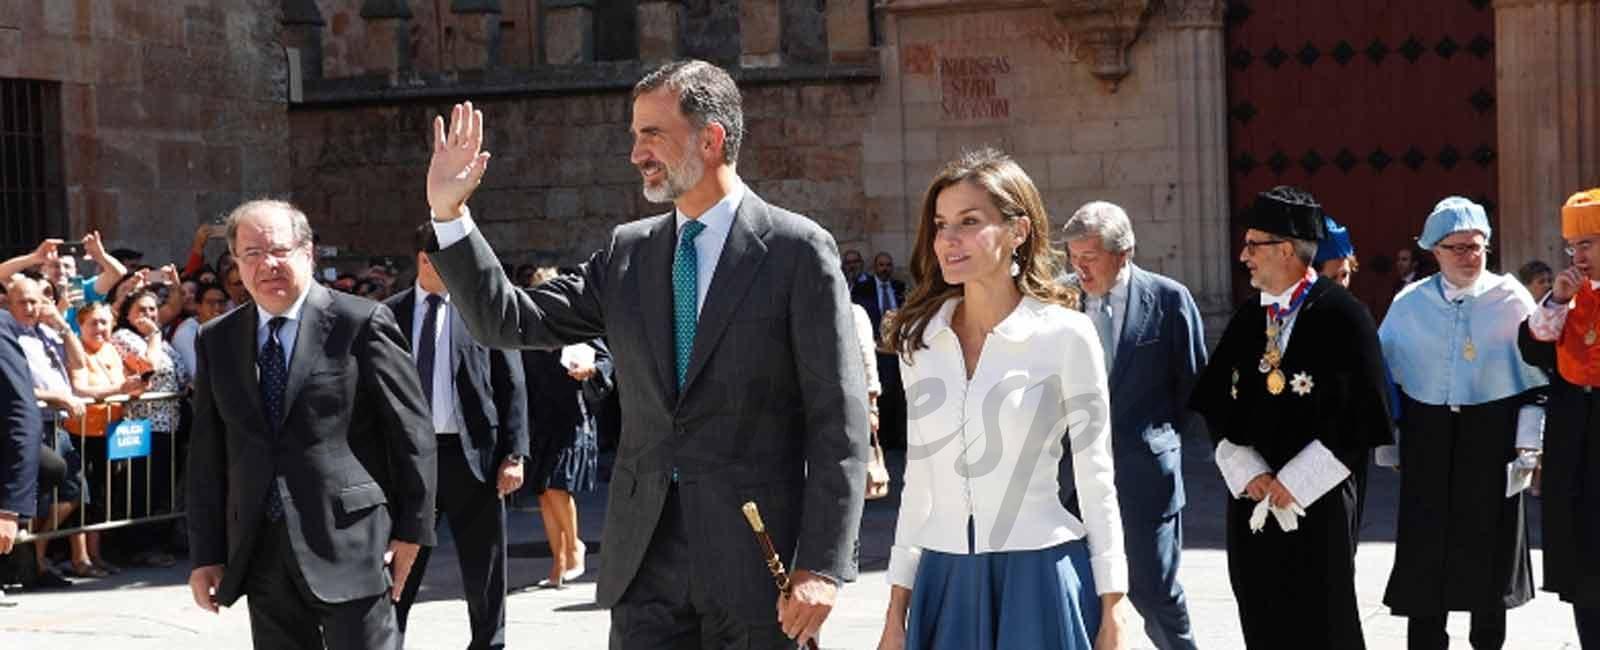 Los Reyes presiden la apertura del curso universitario